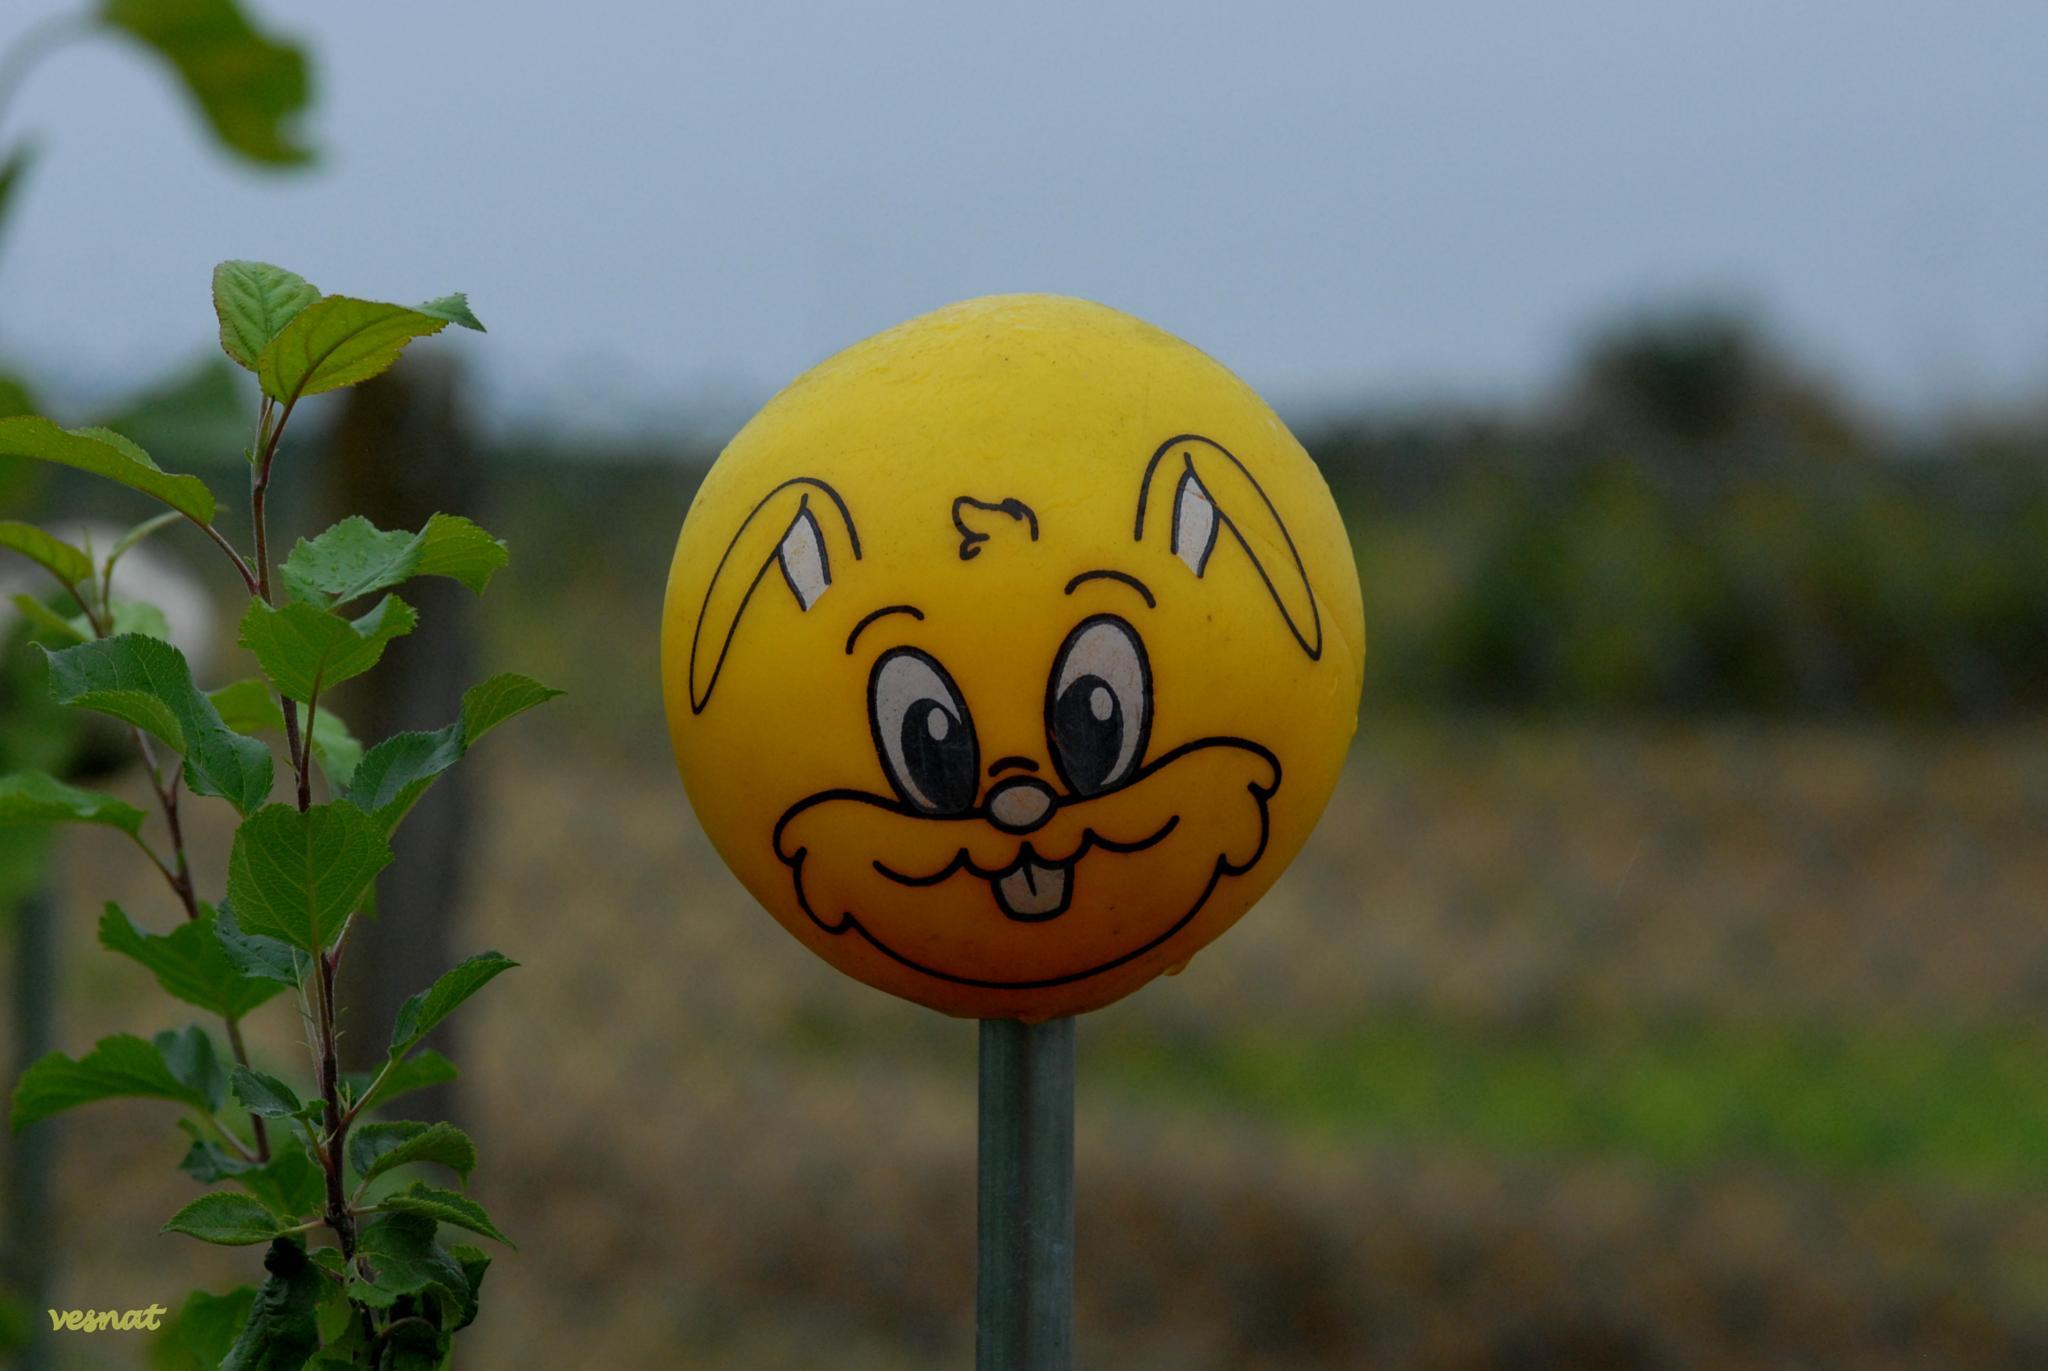 happy bunny from the garden.. :-) by vesna.tafra